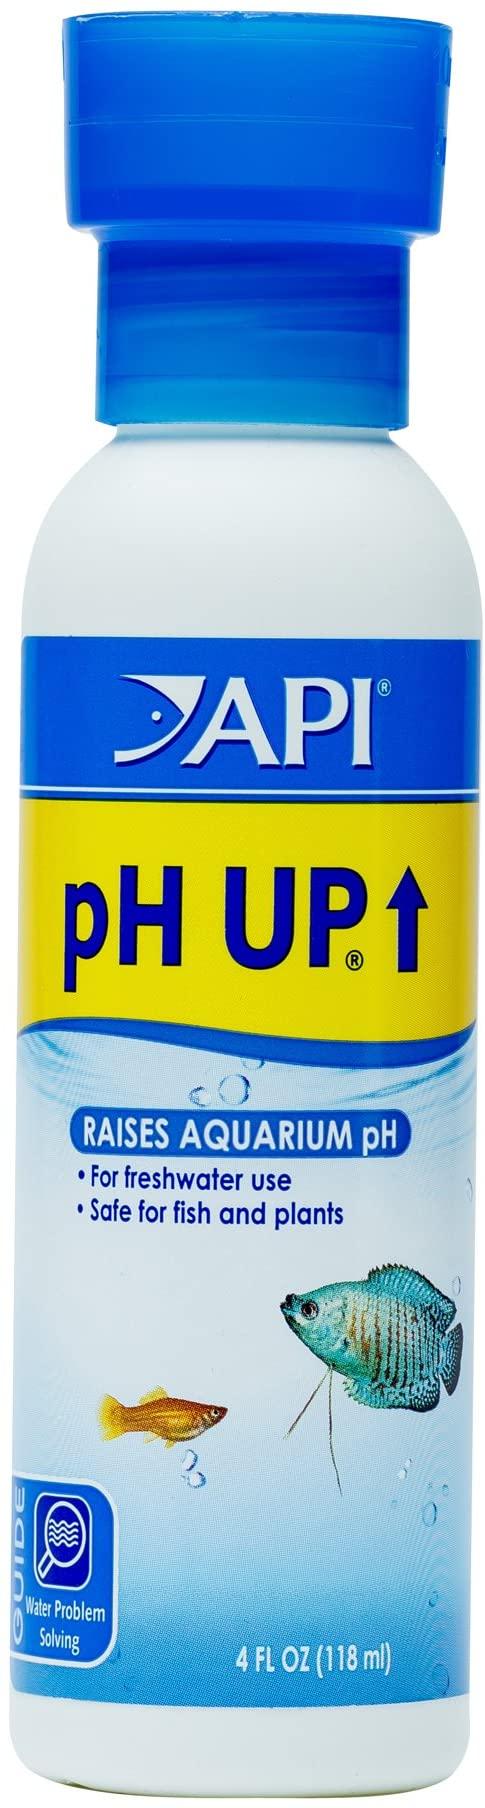 API 31C product image 1